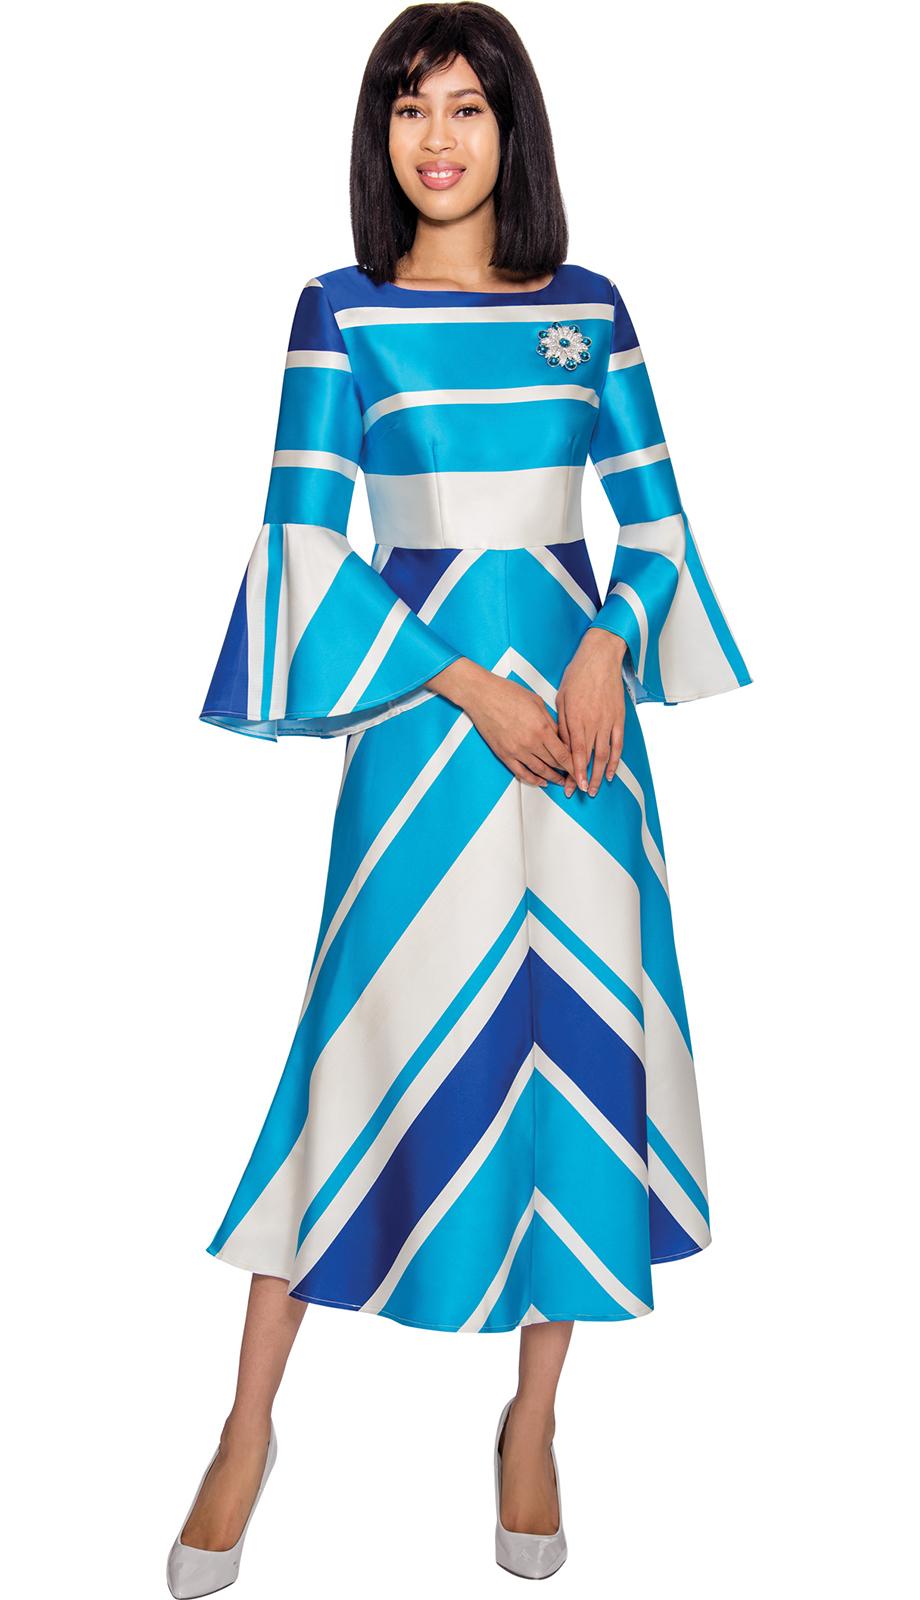 Dresses by Nubiano 3001-BLU